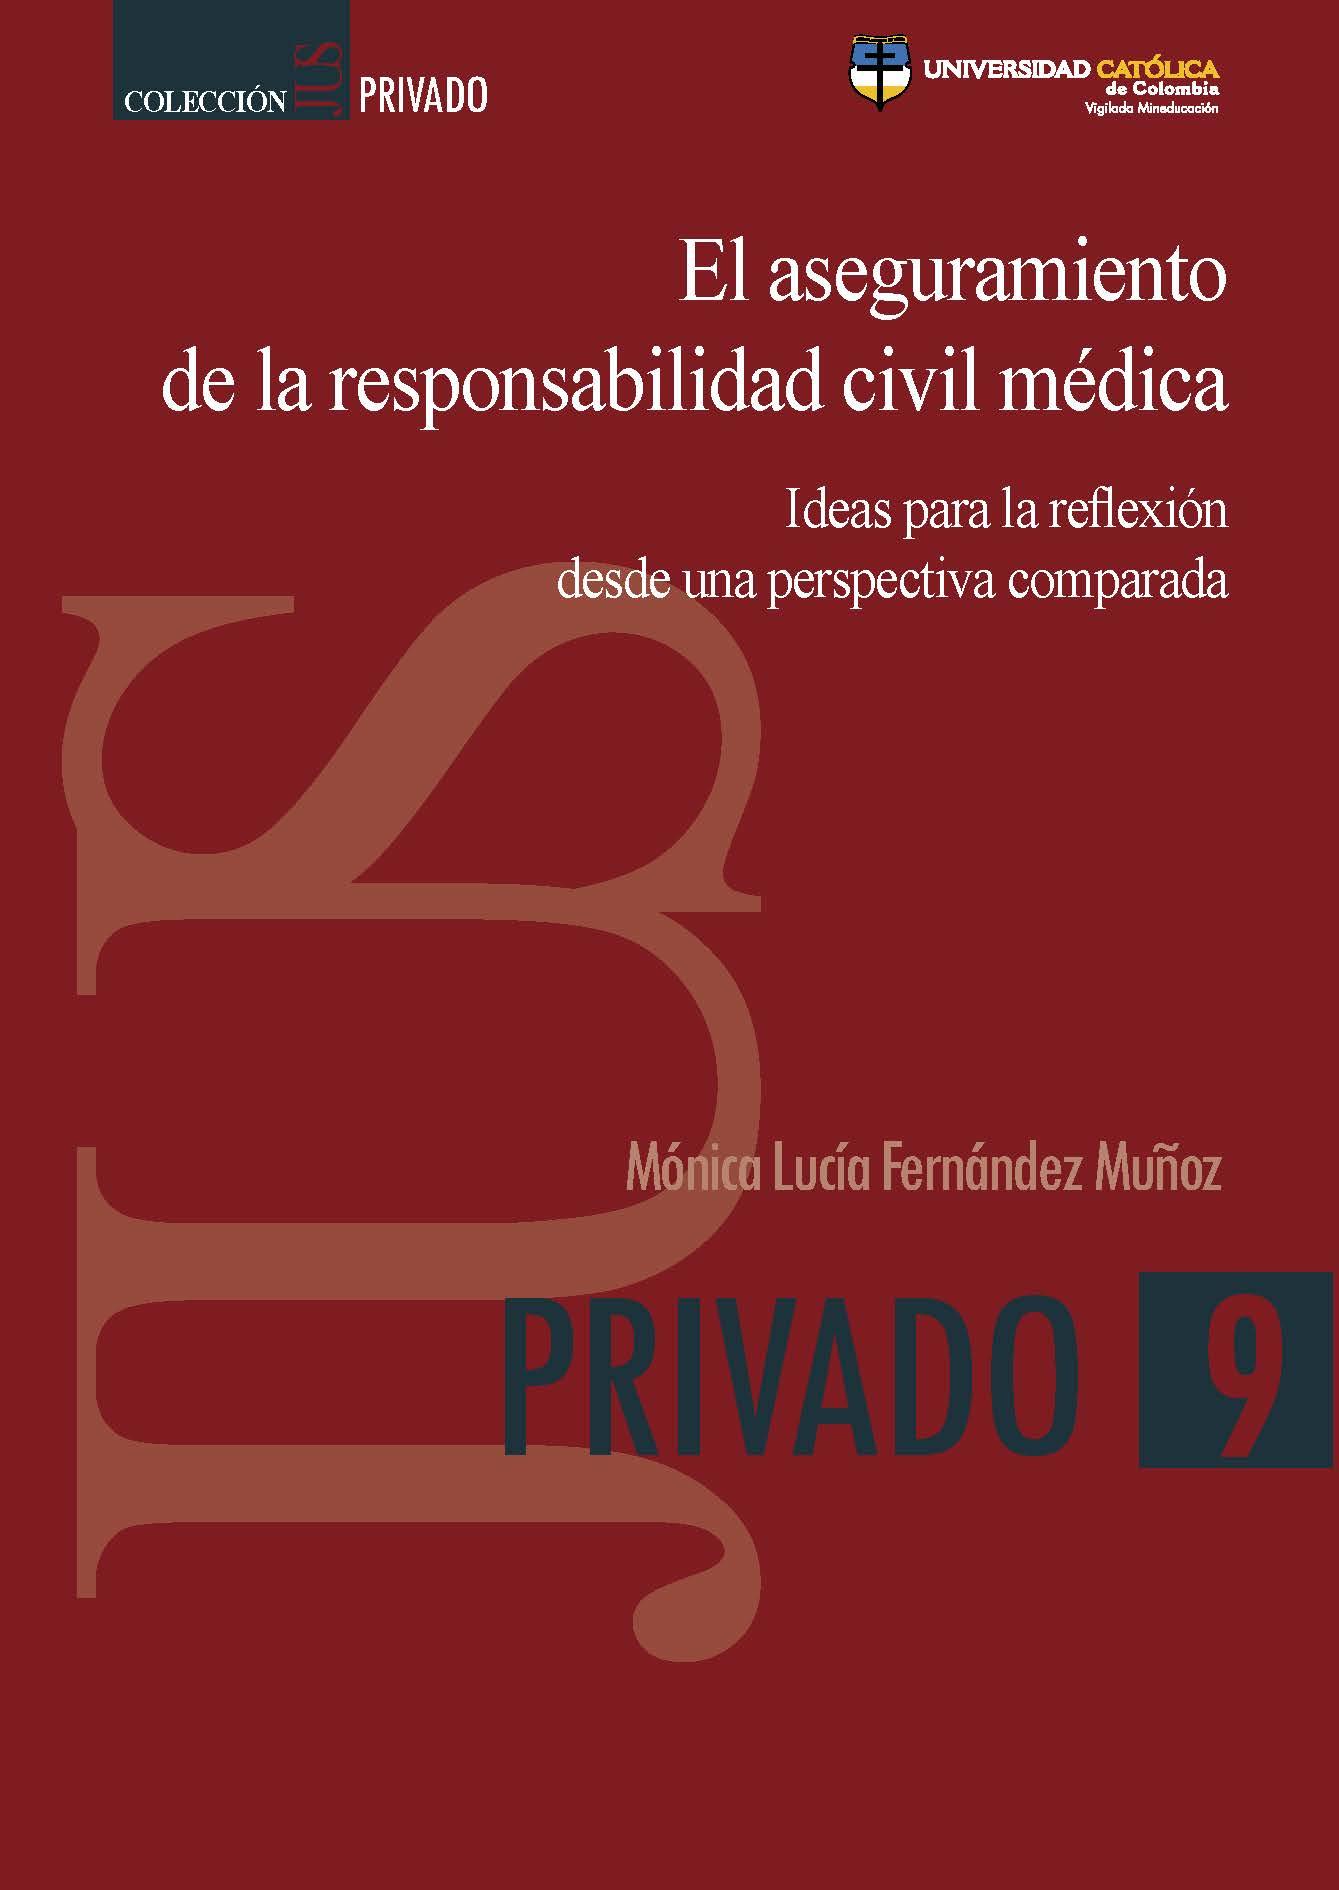 El aseguramiento de la responsabilidad civil médica: ideas para la reflexión desde una perspectiva comparada